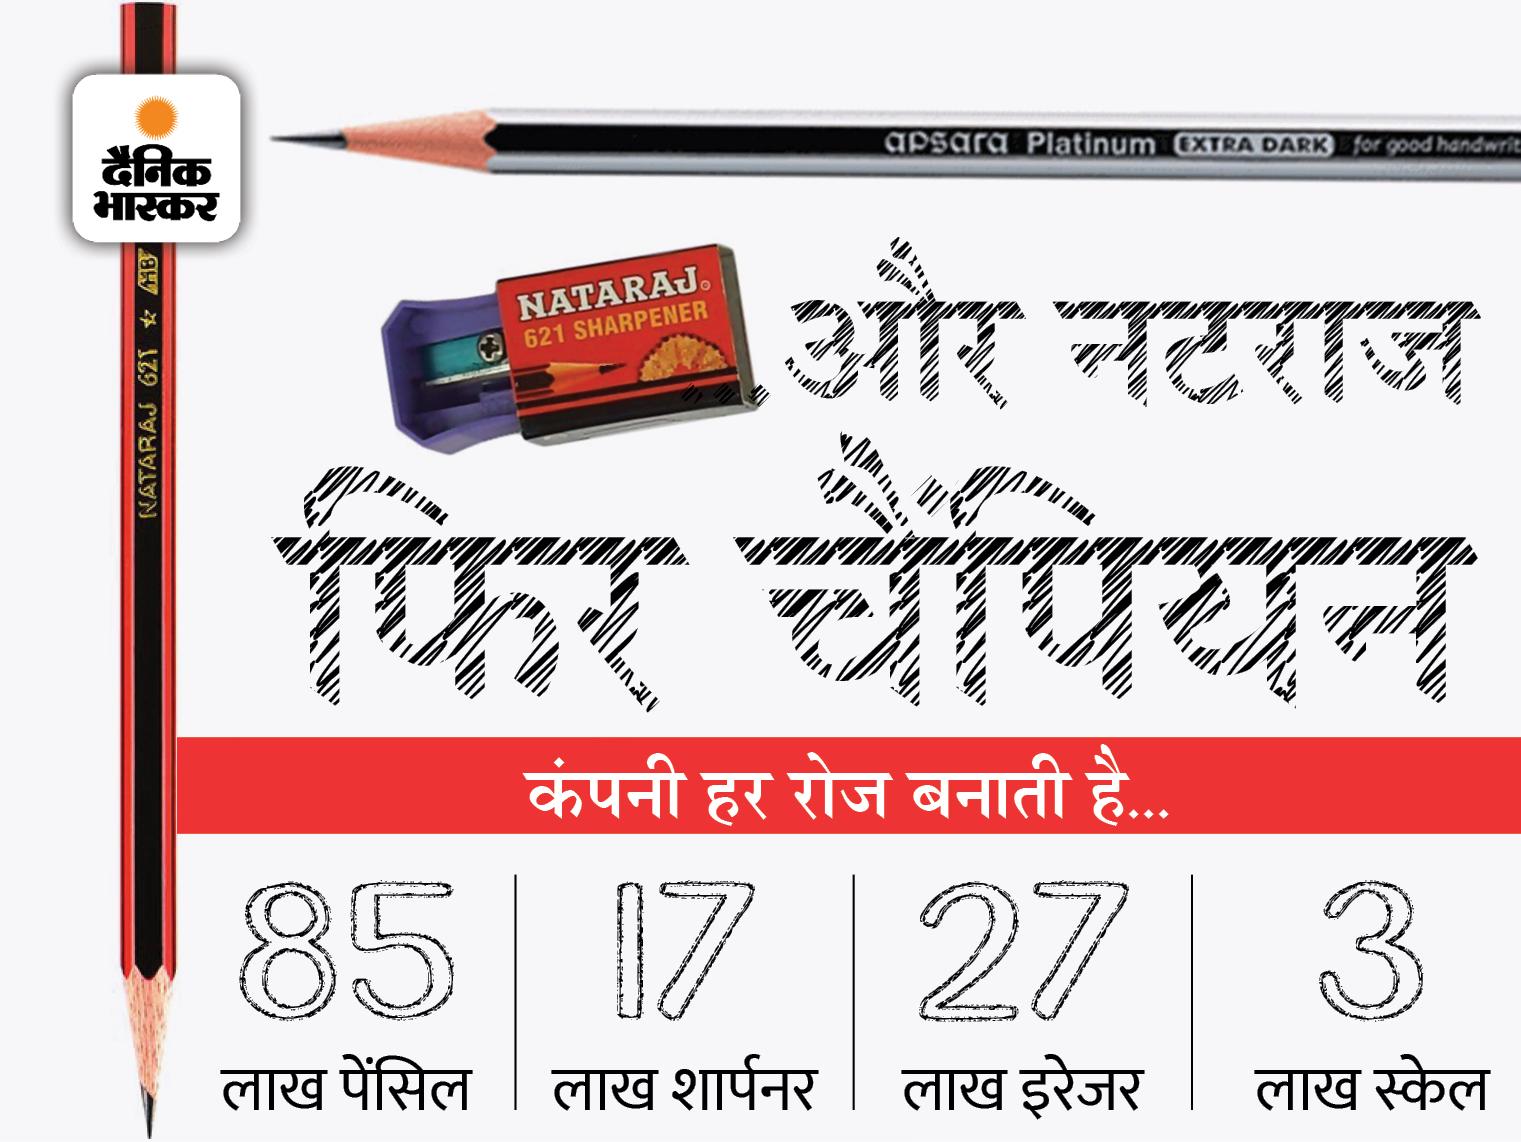 तीन दोस्तों ने जर्मनी से सीखकर मुंबई में शुरू किया बिजनेस; आज 50 देश खरीदते हैं हिंदुस्तान की पेंसिल|DB ओरिजिनल,DB Original - Dainik Bhaskar